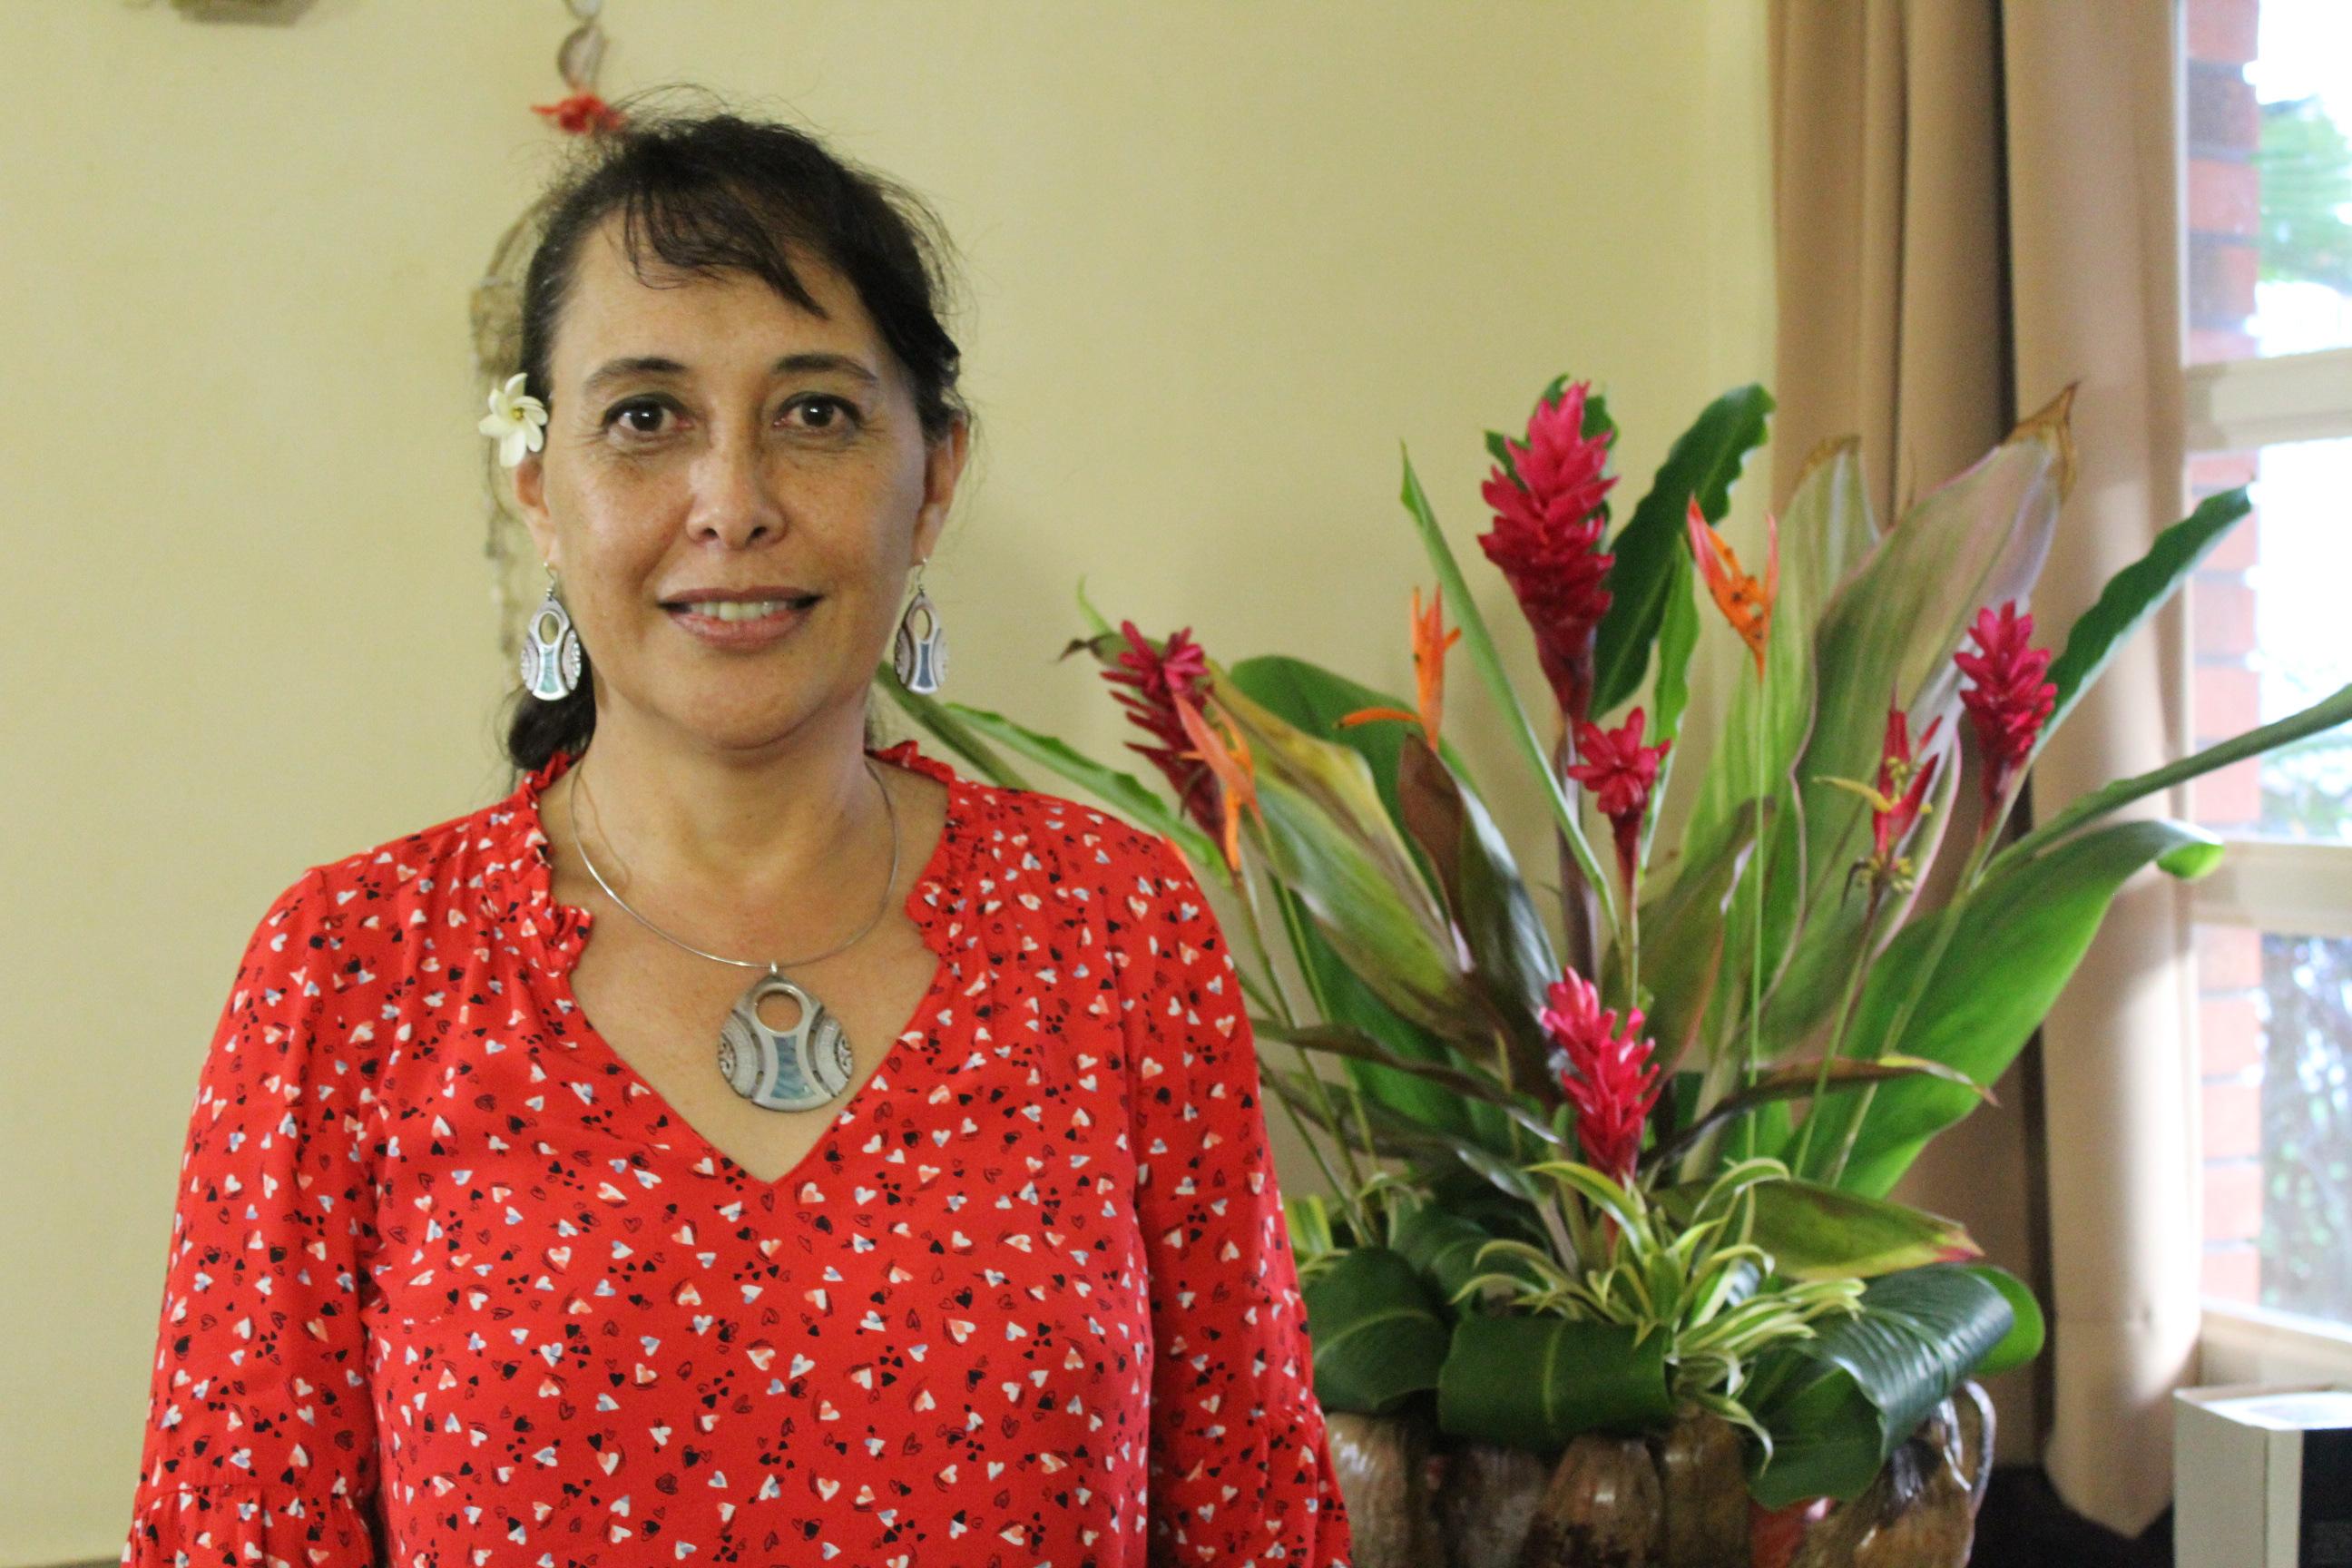 Tea Frogier « Nous devons travailler à rendre les personnes employables de manière durable »